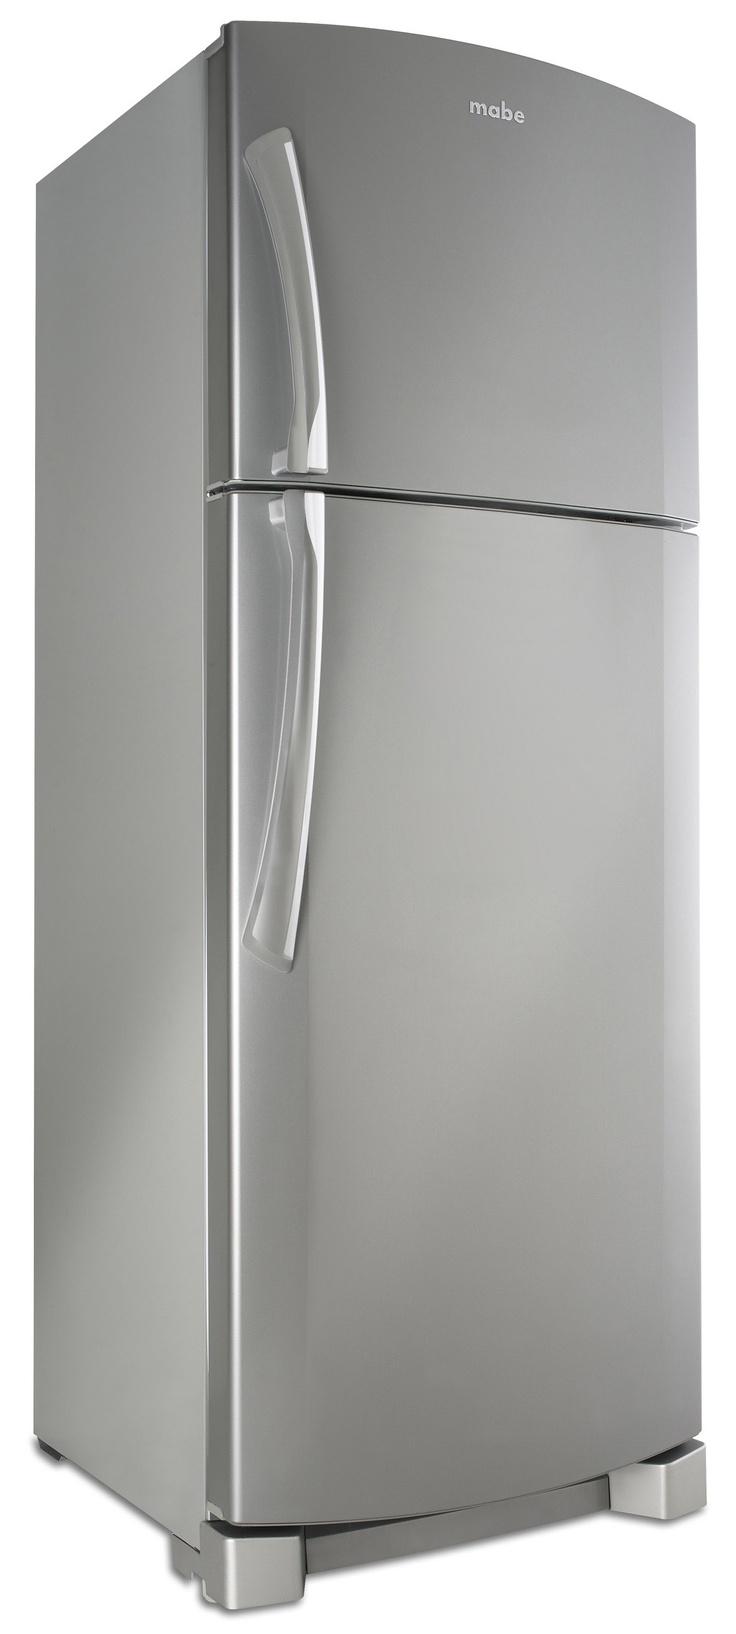 Refrigeradora Mabe Ma021yiees0 Cromada De 346 Litros 14